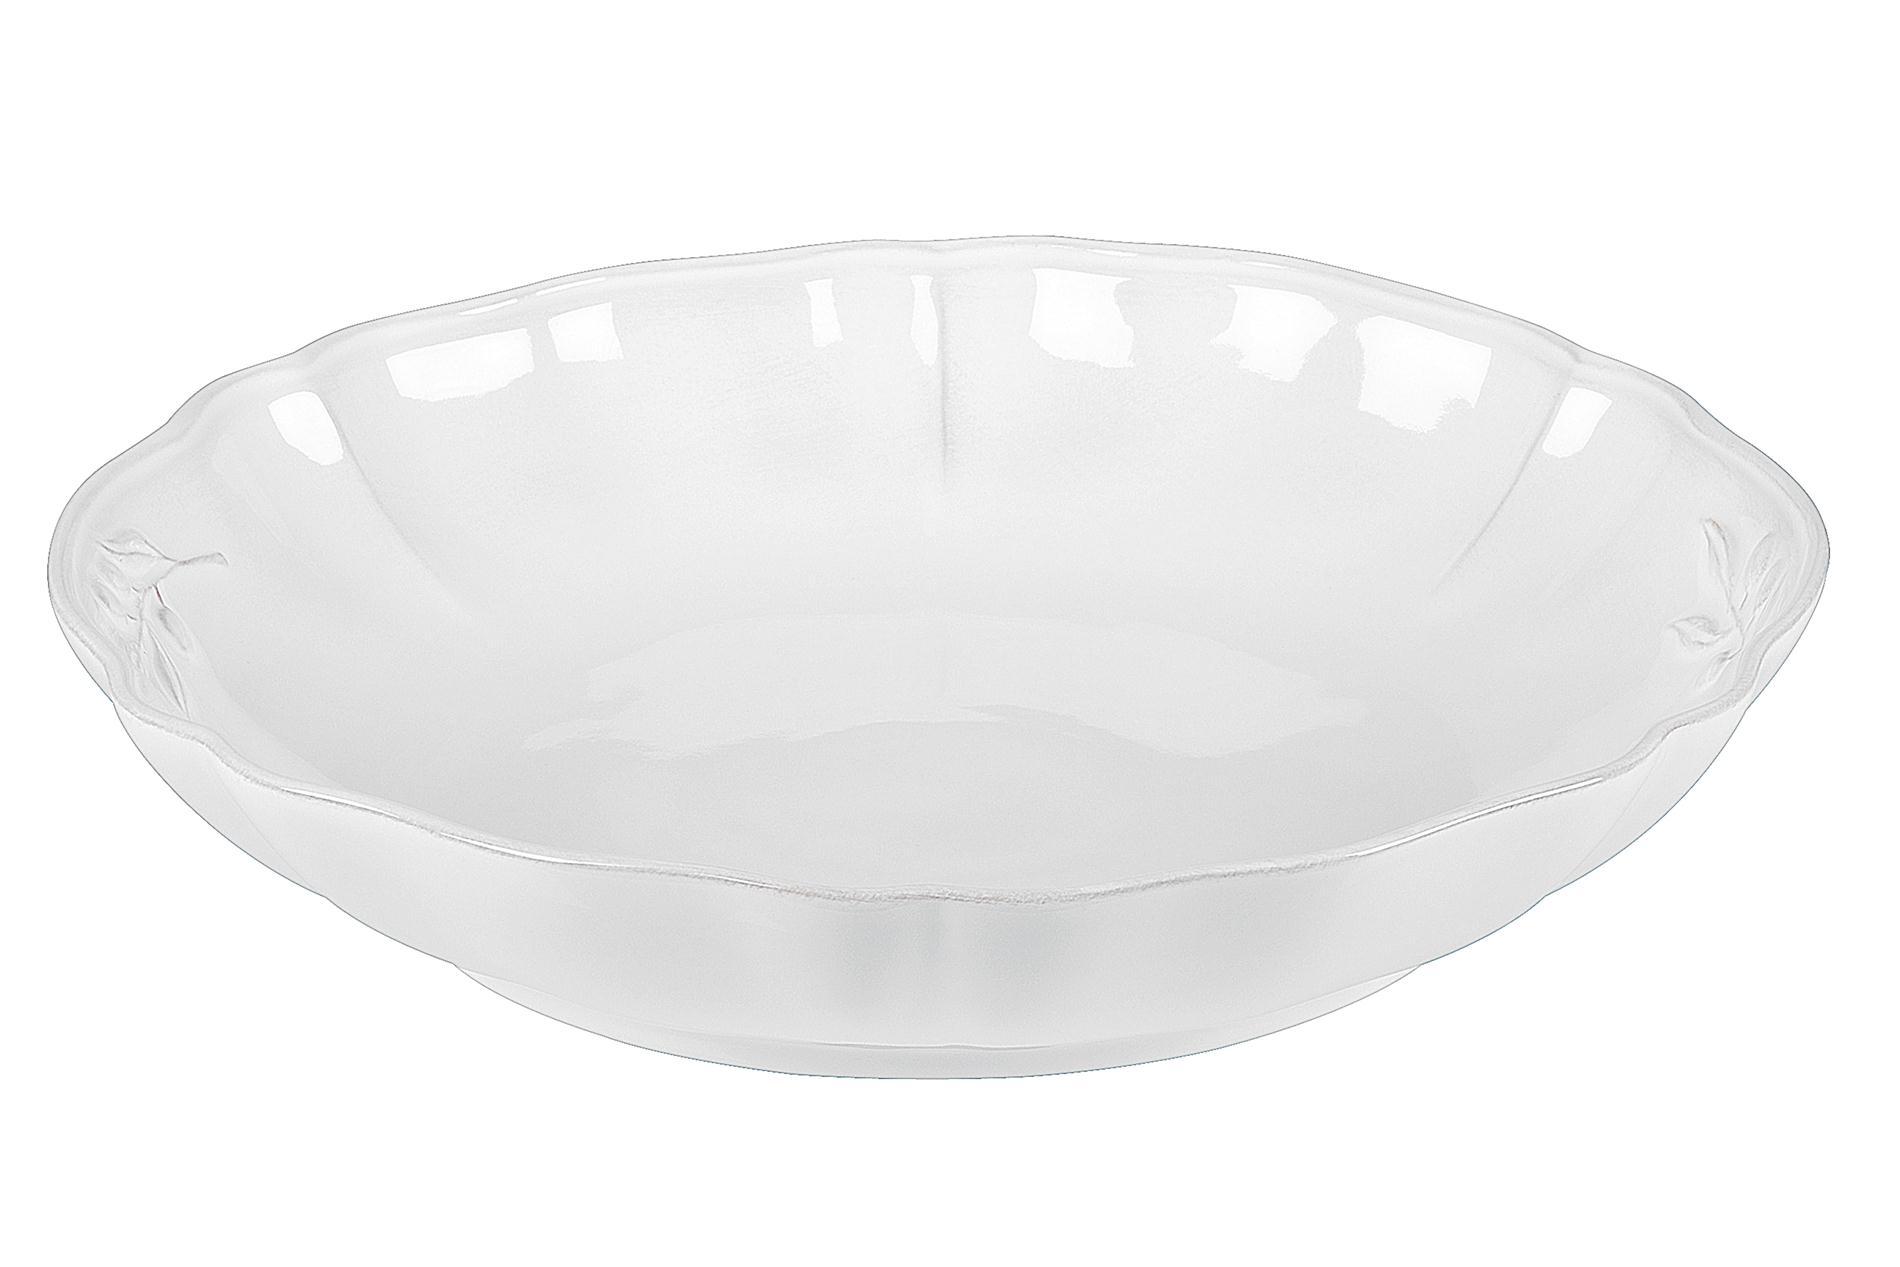 Pastaschüssel  Alentejo, weiß, 34 cm